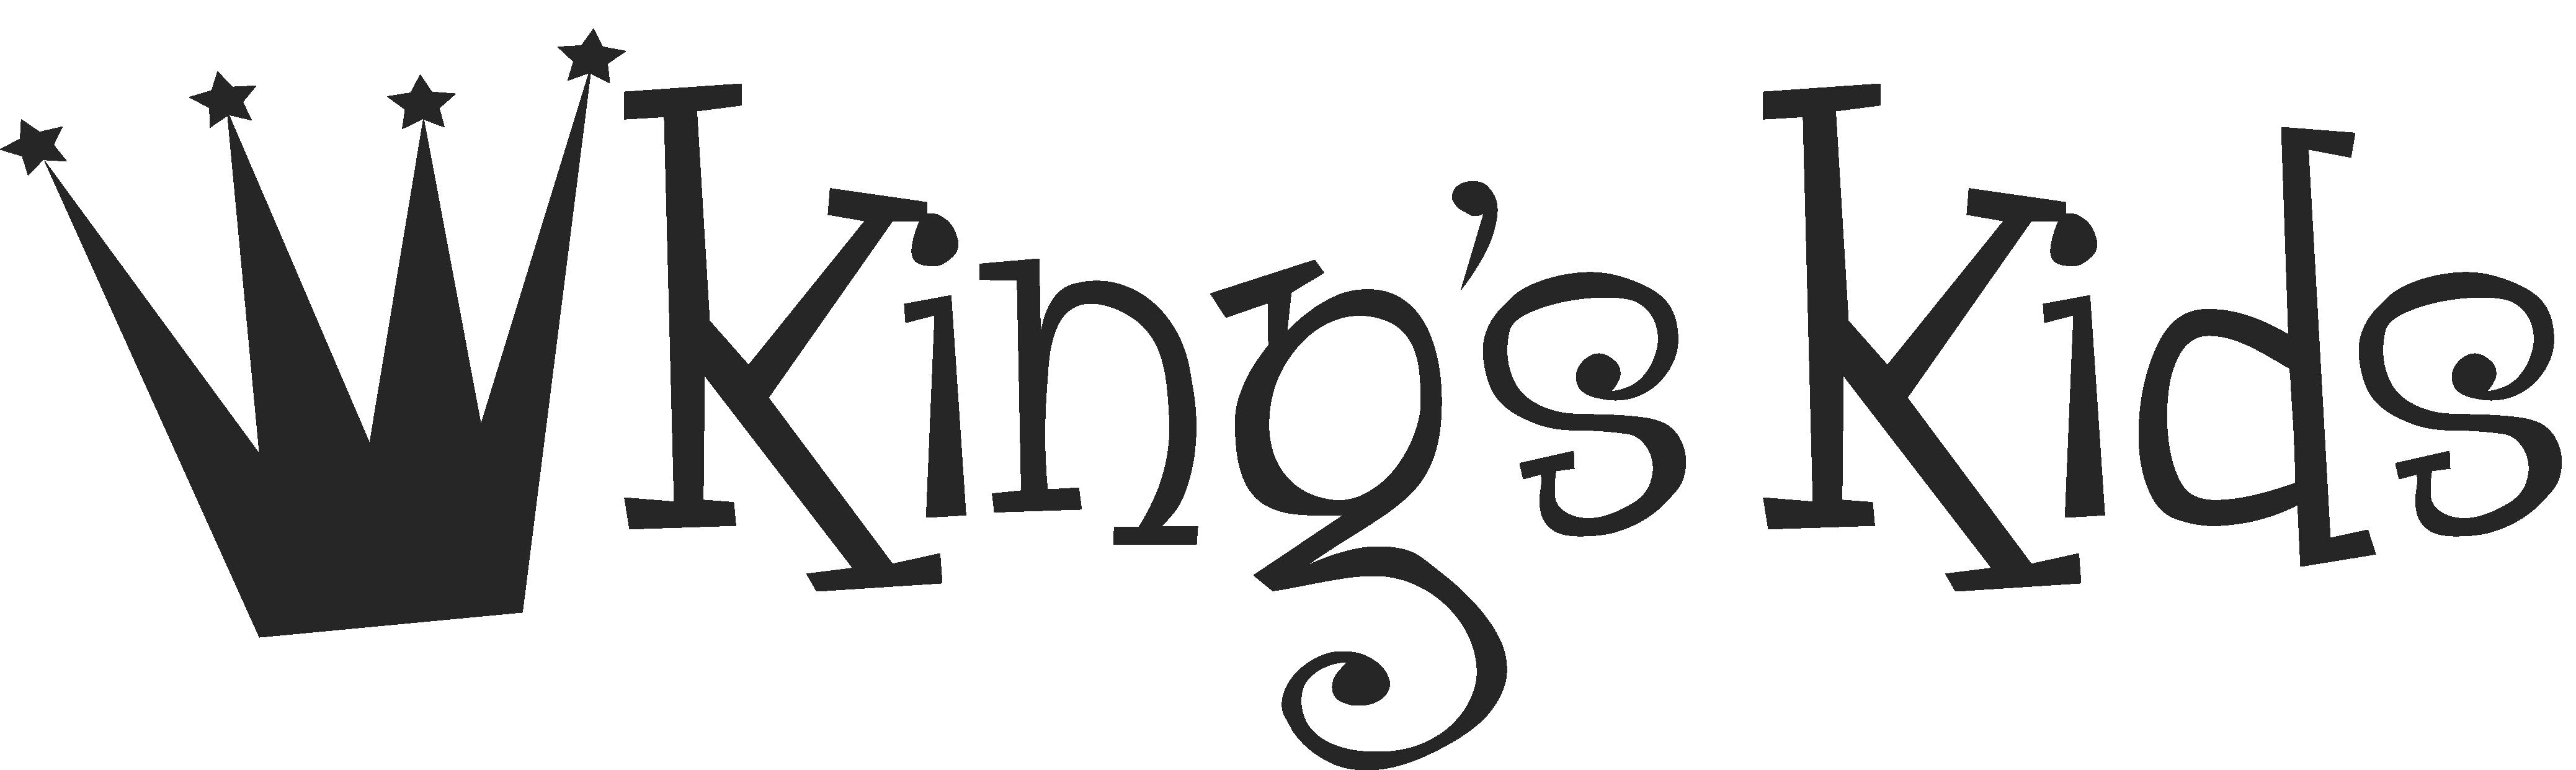 kingskidslogo.png